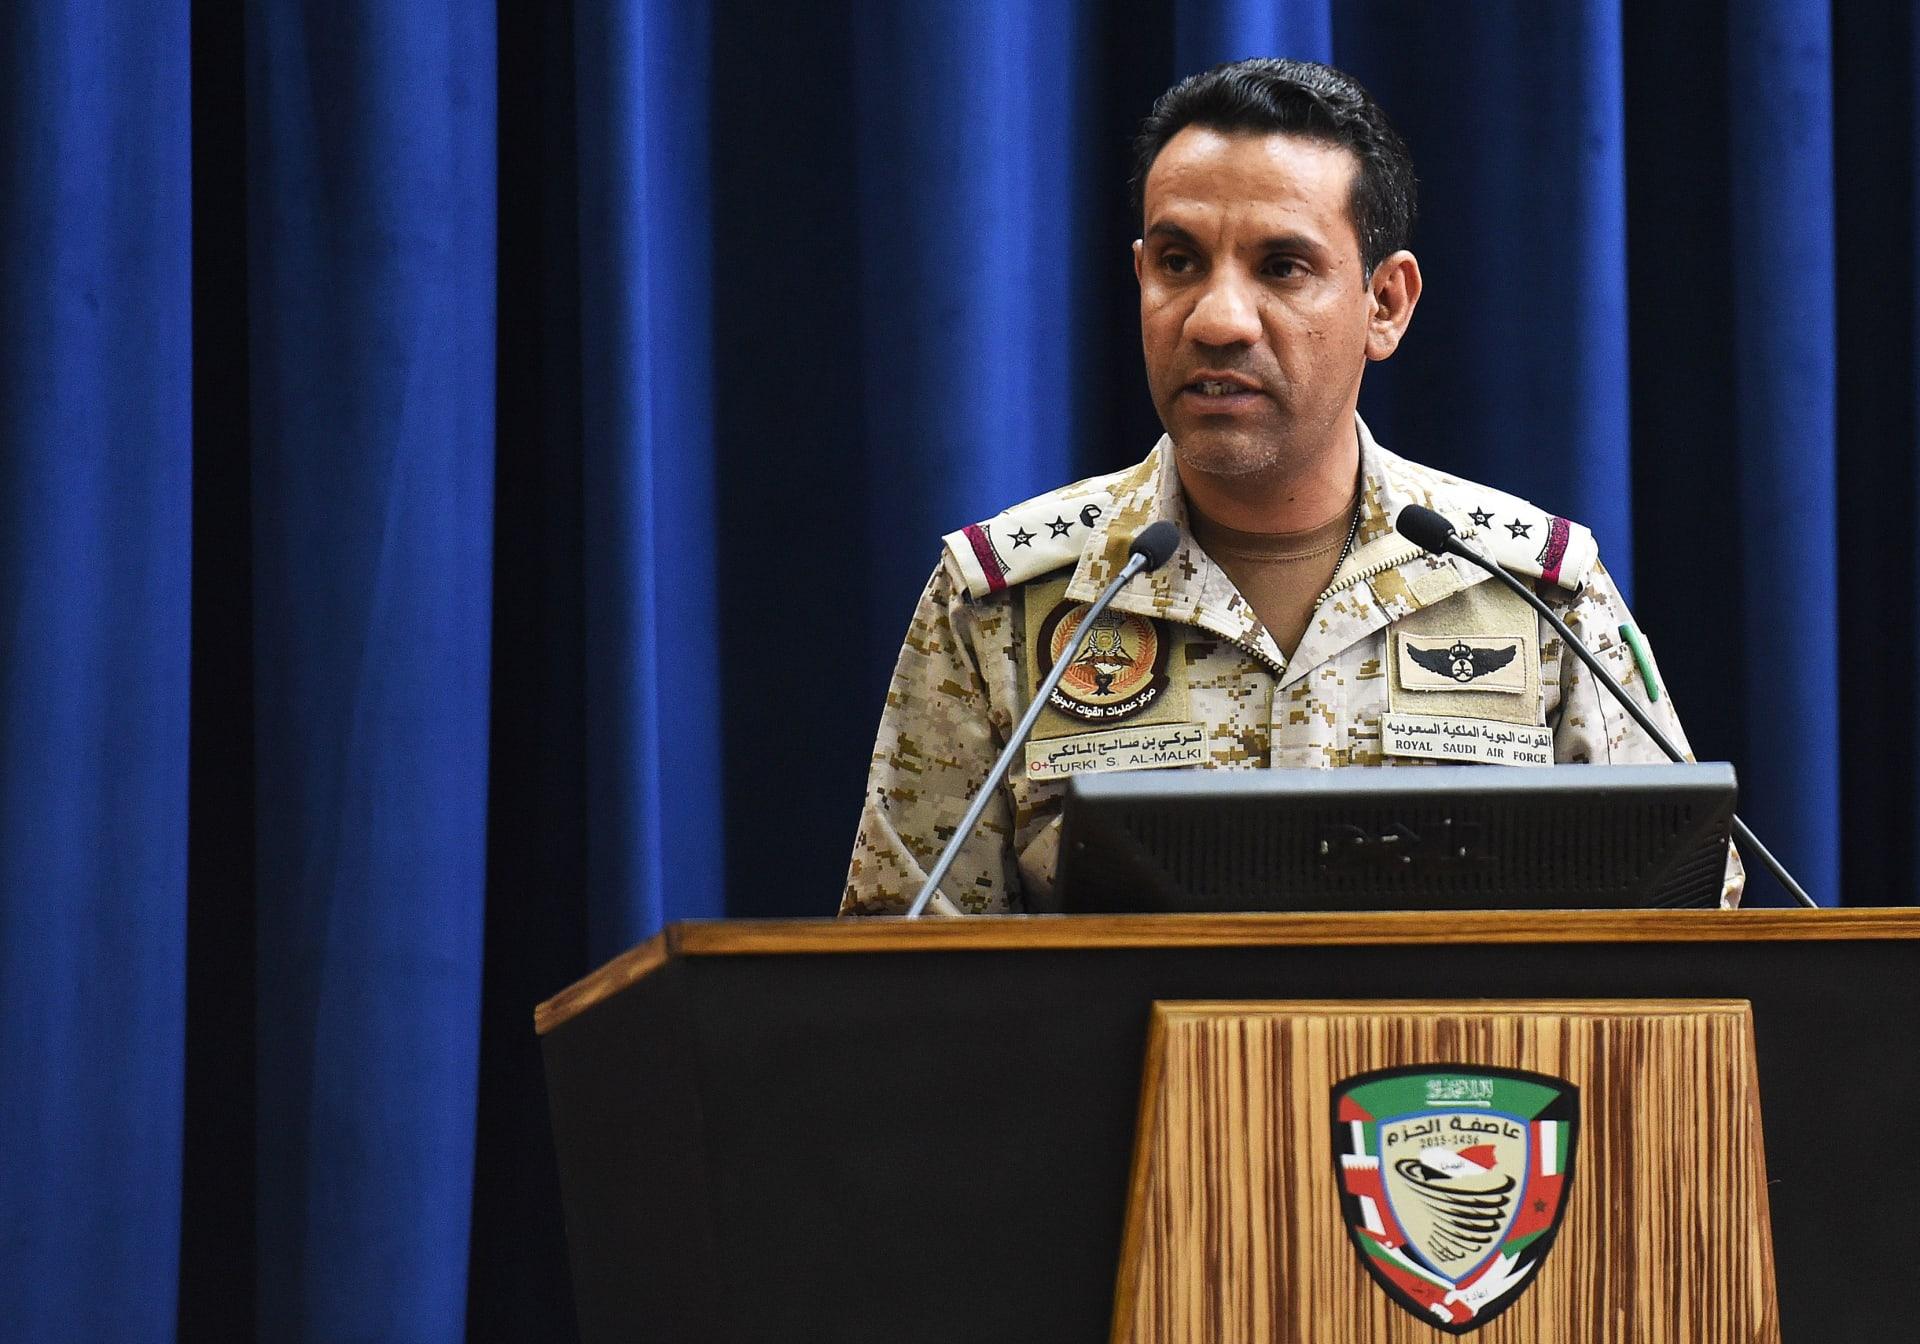 بعد 4 أيام على اعتراض 7 صواريخ.. السعودية تعترض صاروخا بالستيا جديدا للحوثي